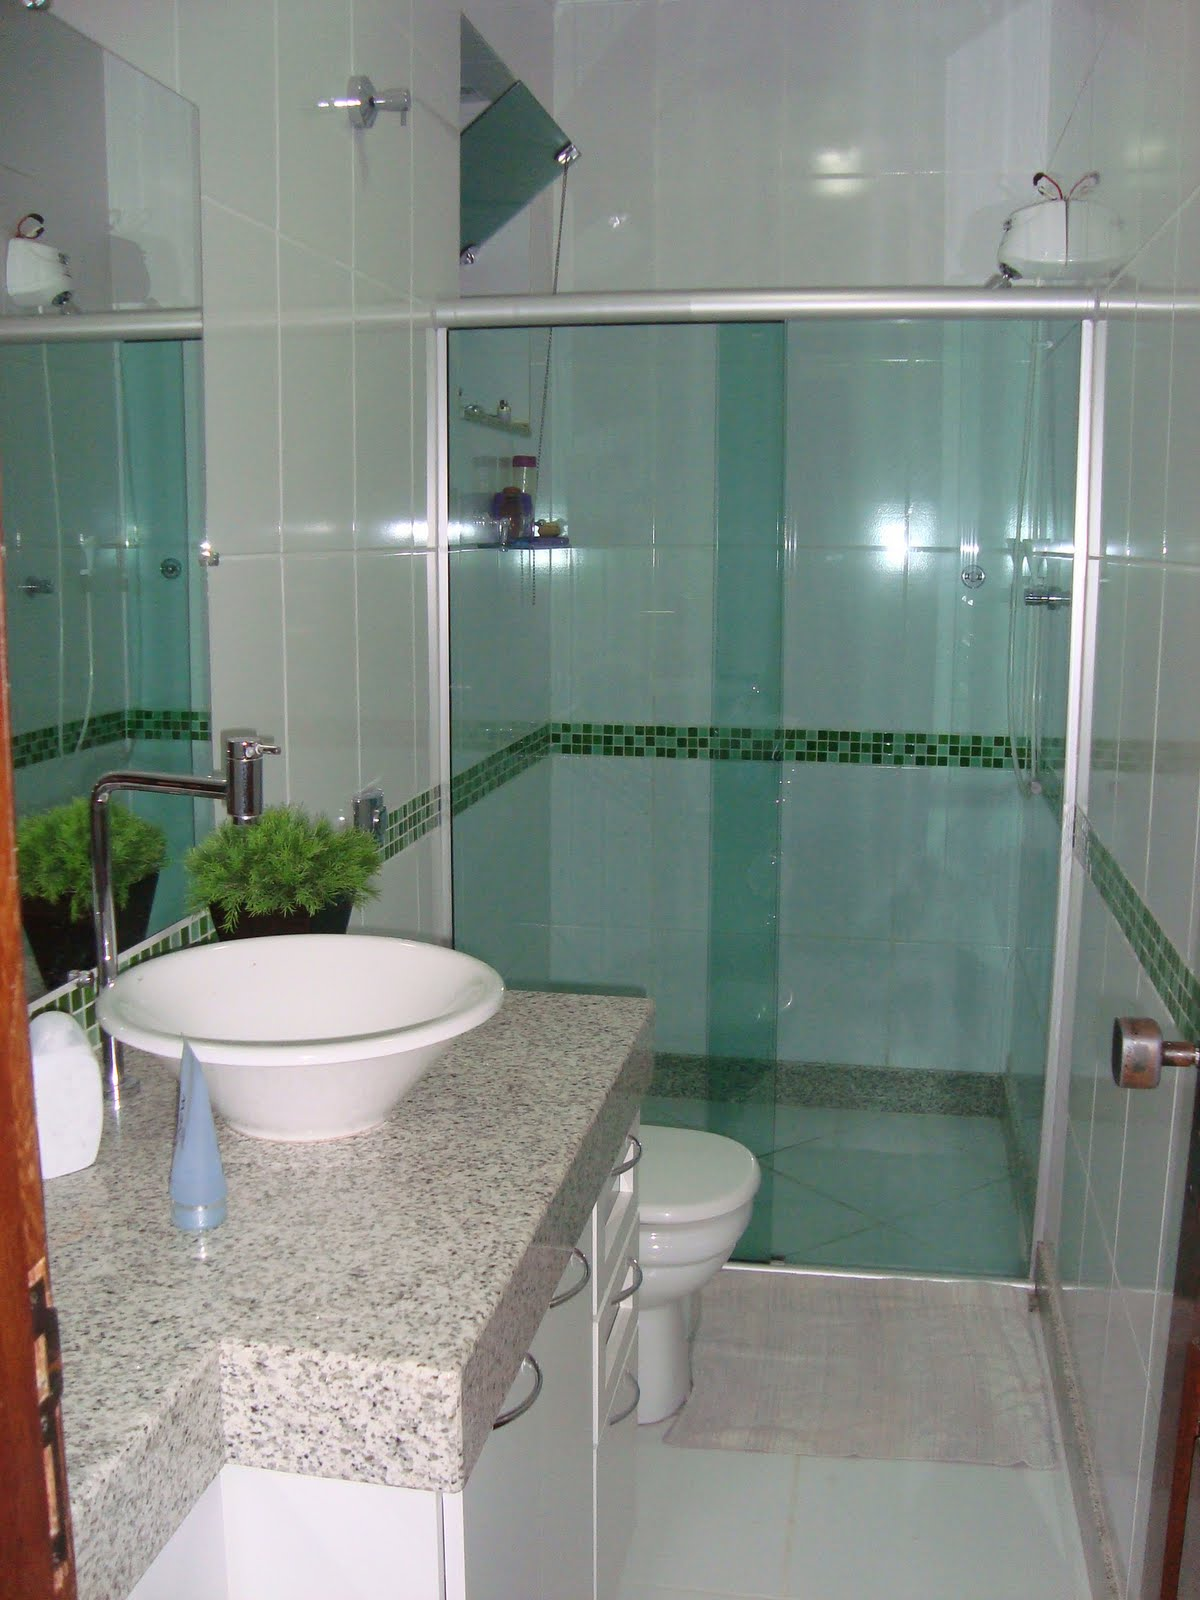 Lígia Araújo Arquitetura e Urbanismo Ltda.: Banheiro Residencial  #773B29 1200x1600 Arquitetura Banheiro Pequeno